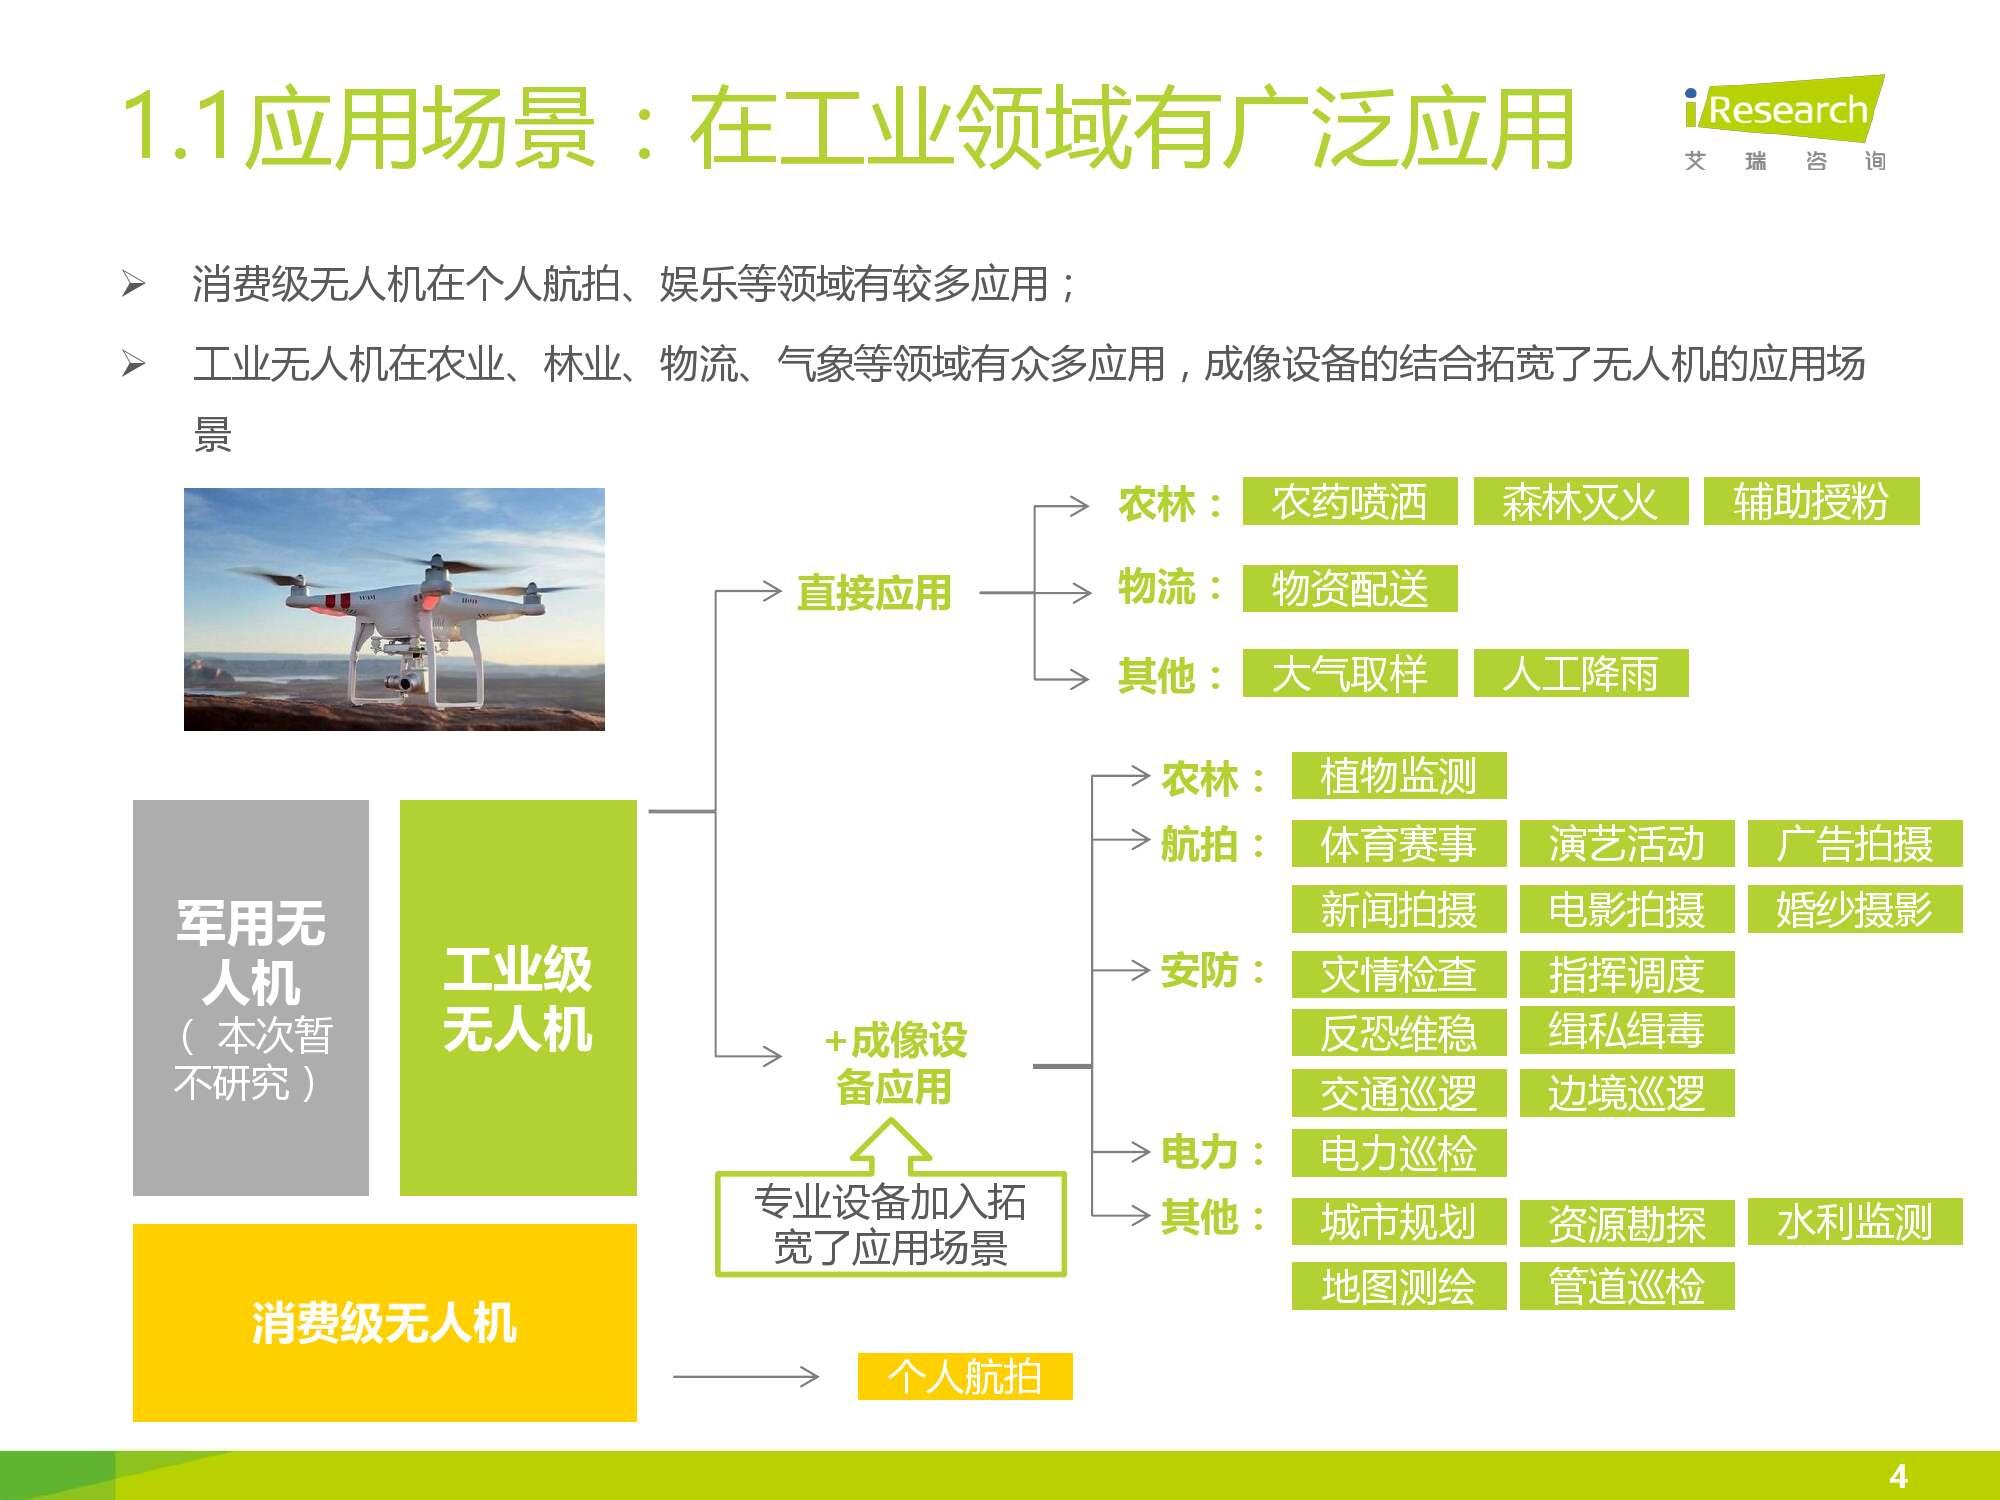 2016年中国无人机行业研究报告简版_000004